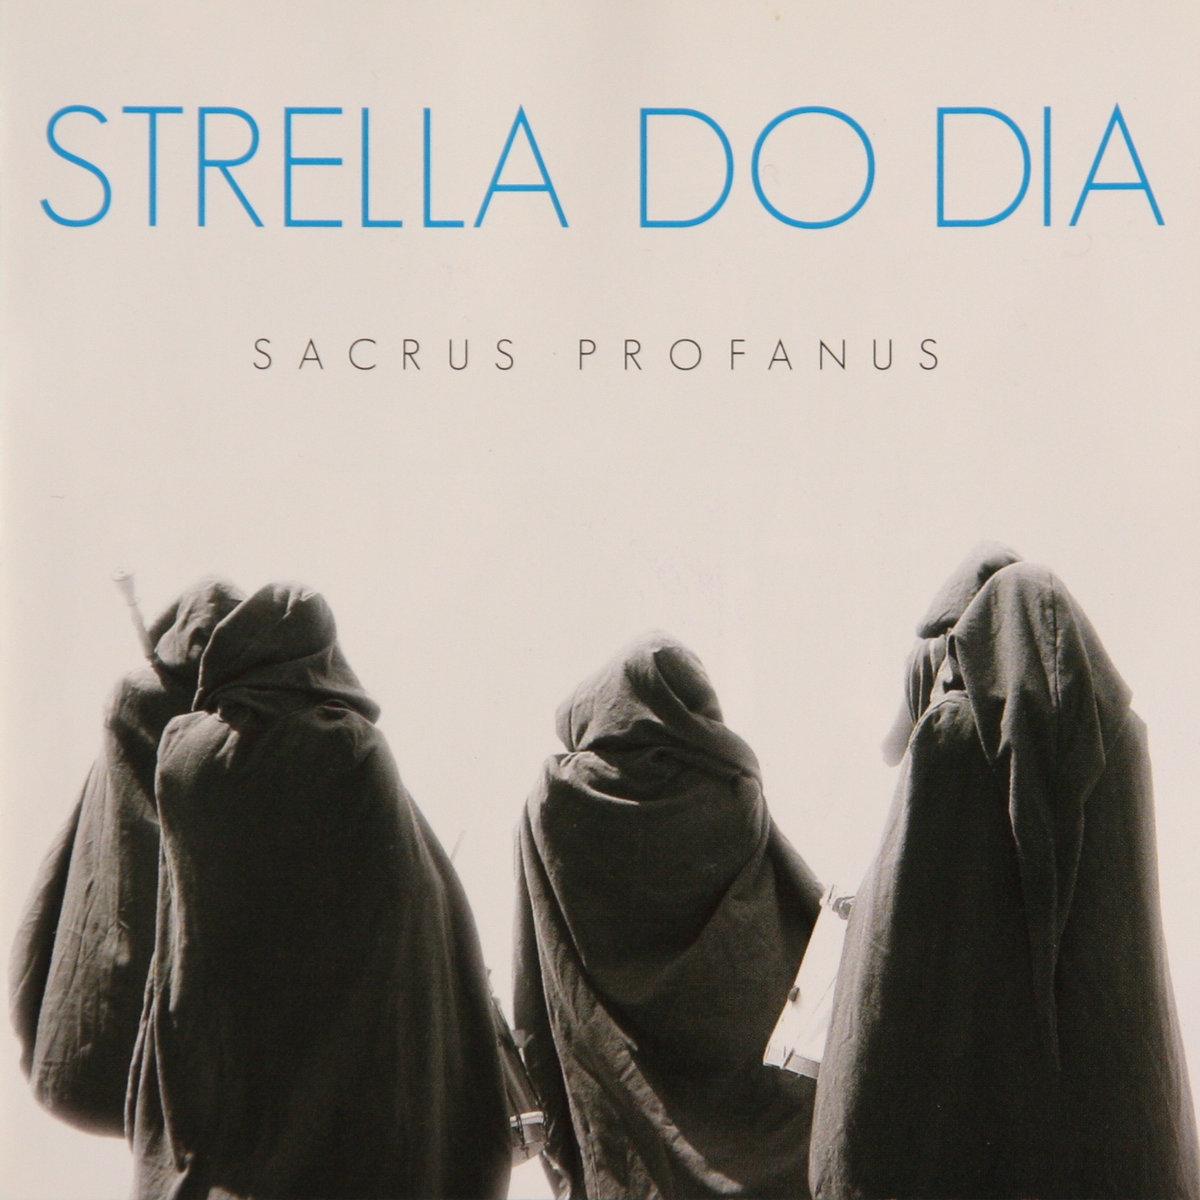 SACRUS PROFANUS